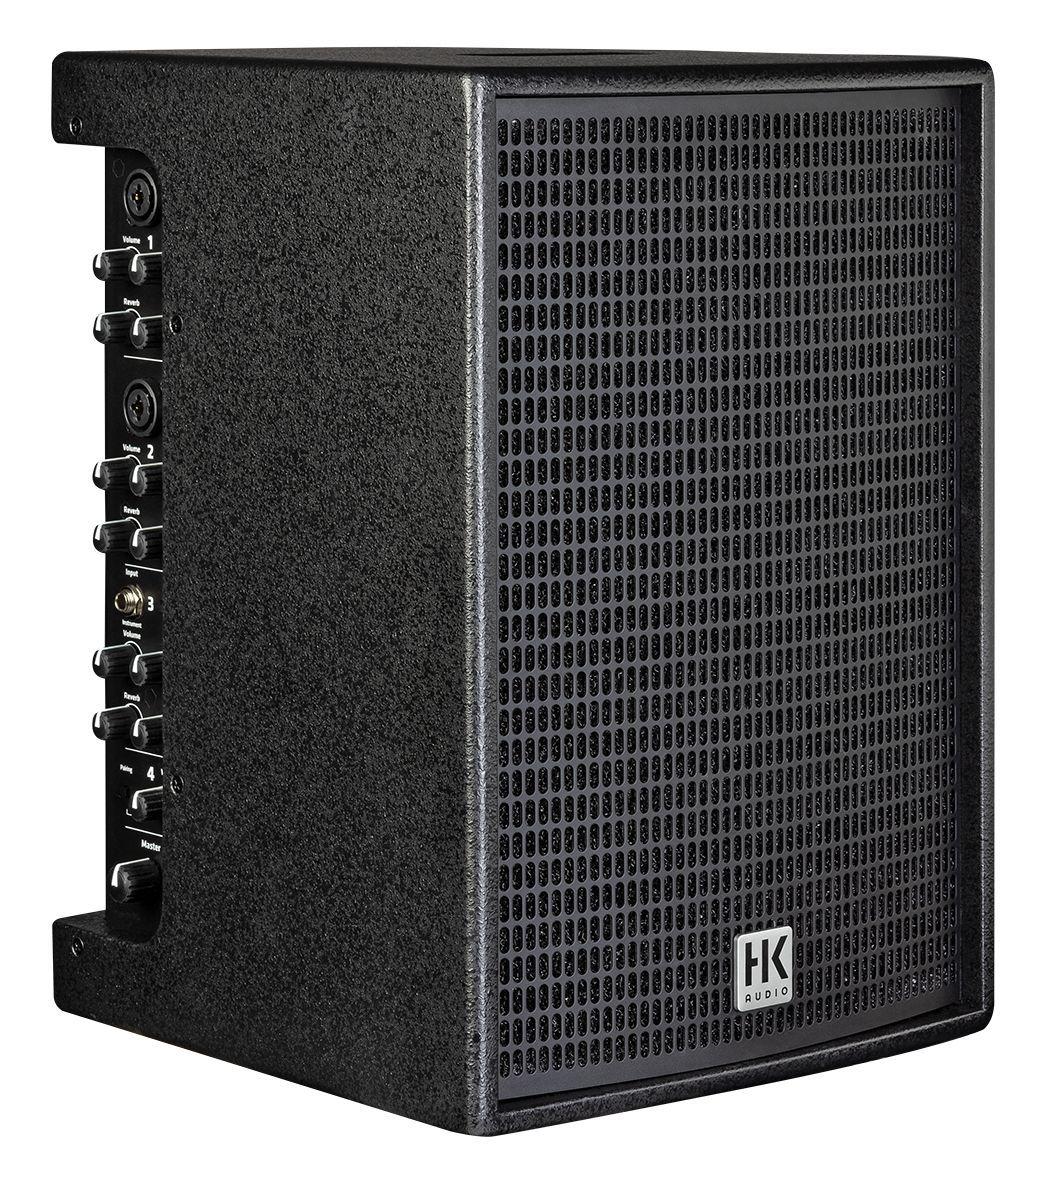 HK Audio Premium Pro Move 8 akkubetriebener Fullrangelautsprecher